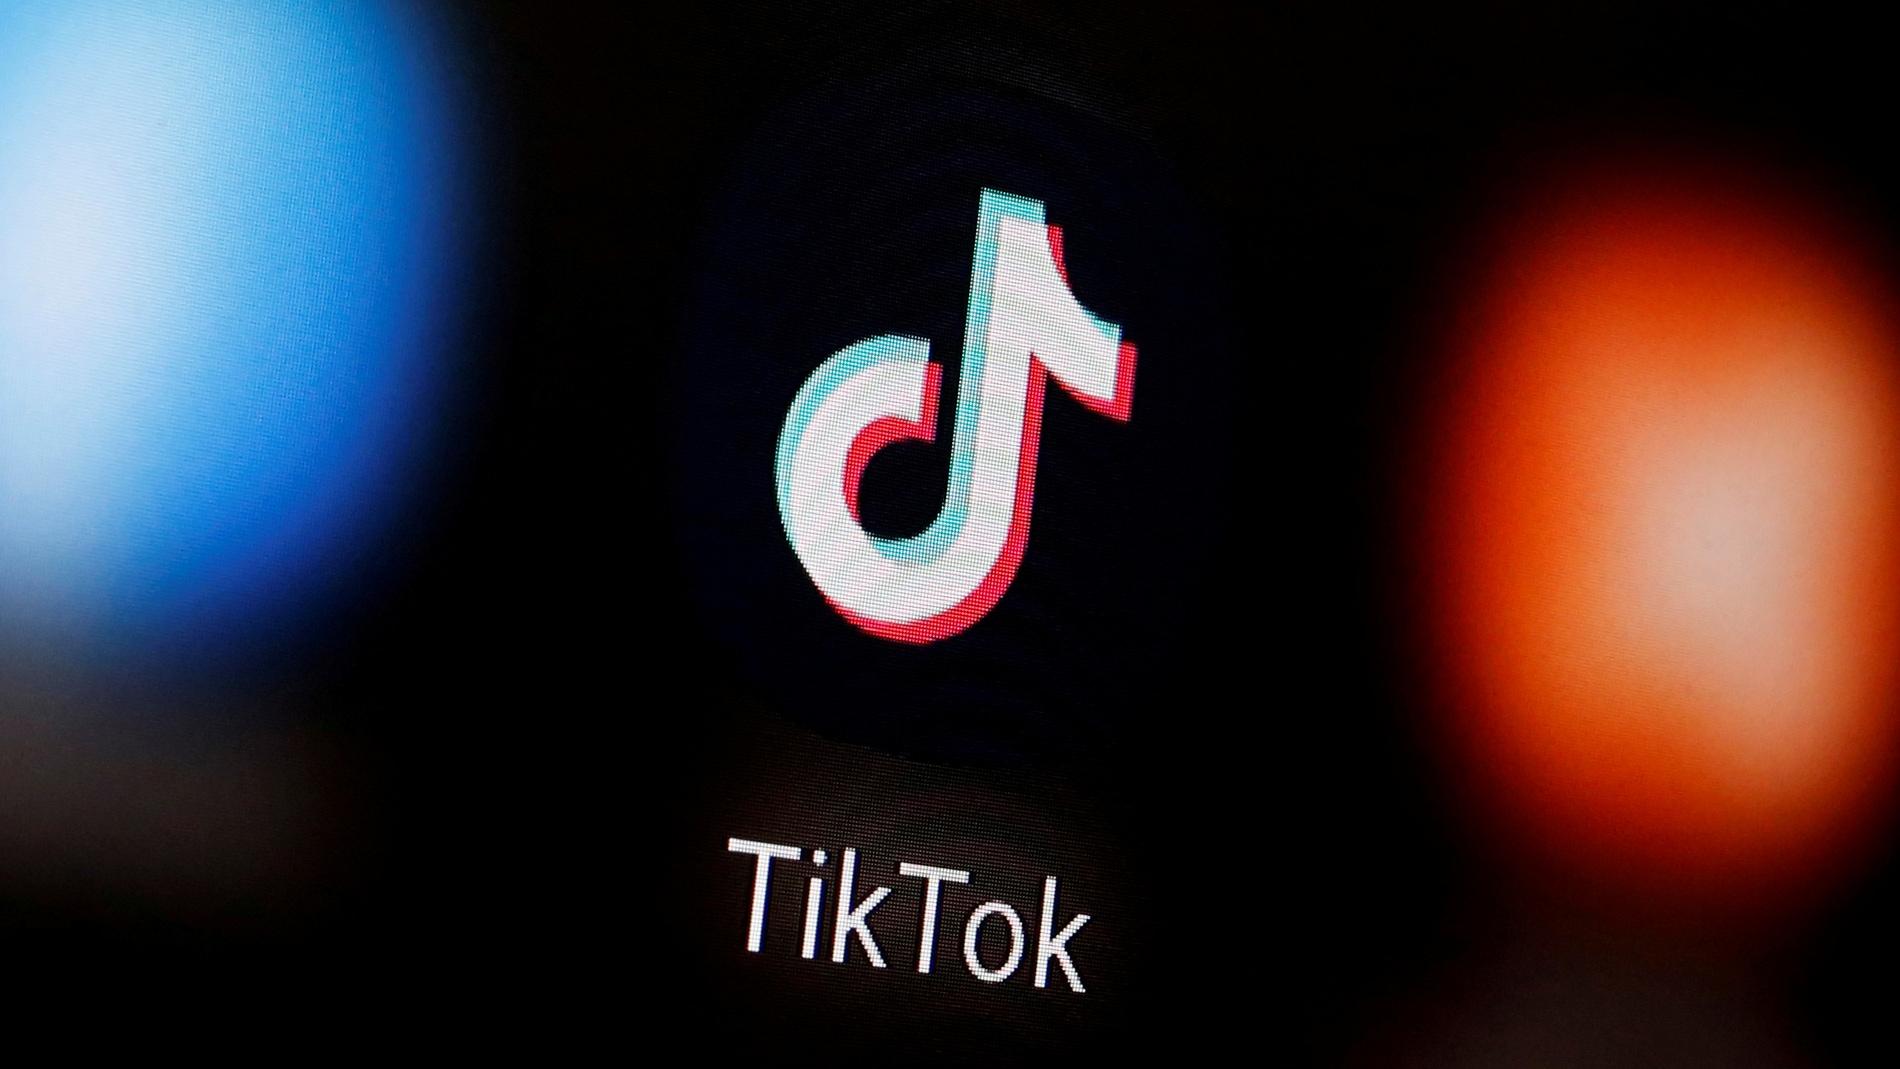 El nuevo reto que ya se ha hecho viral en TikTok